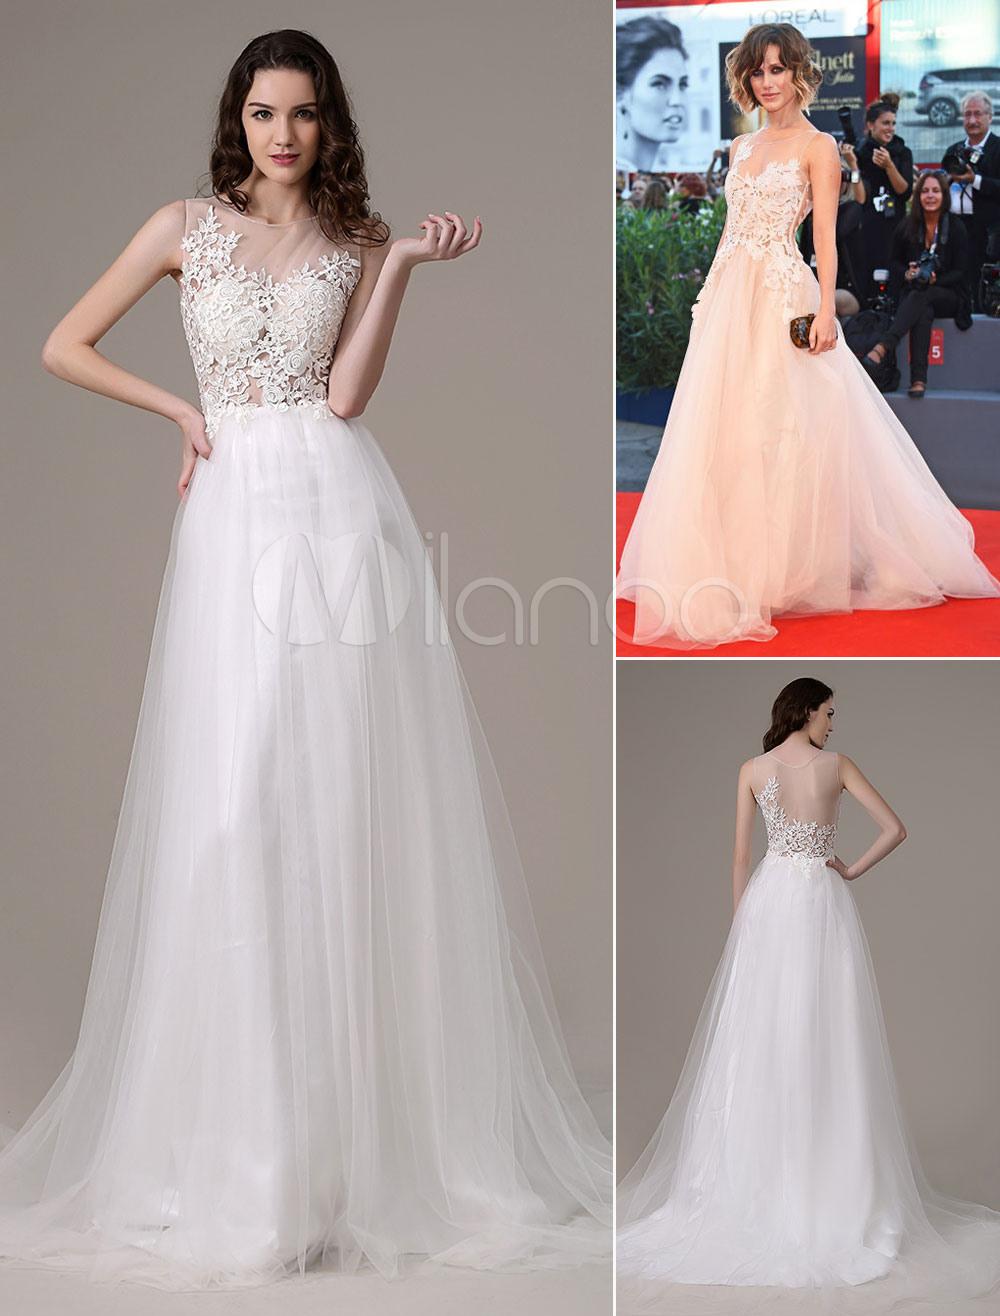 Abend Cool Langes Abendkleid Weiß Spezialgebiet20 Einfach Langes Abendkleid Weiß Stylish